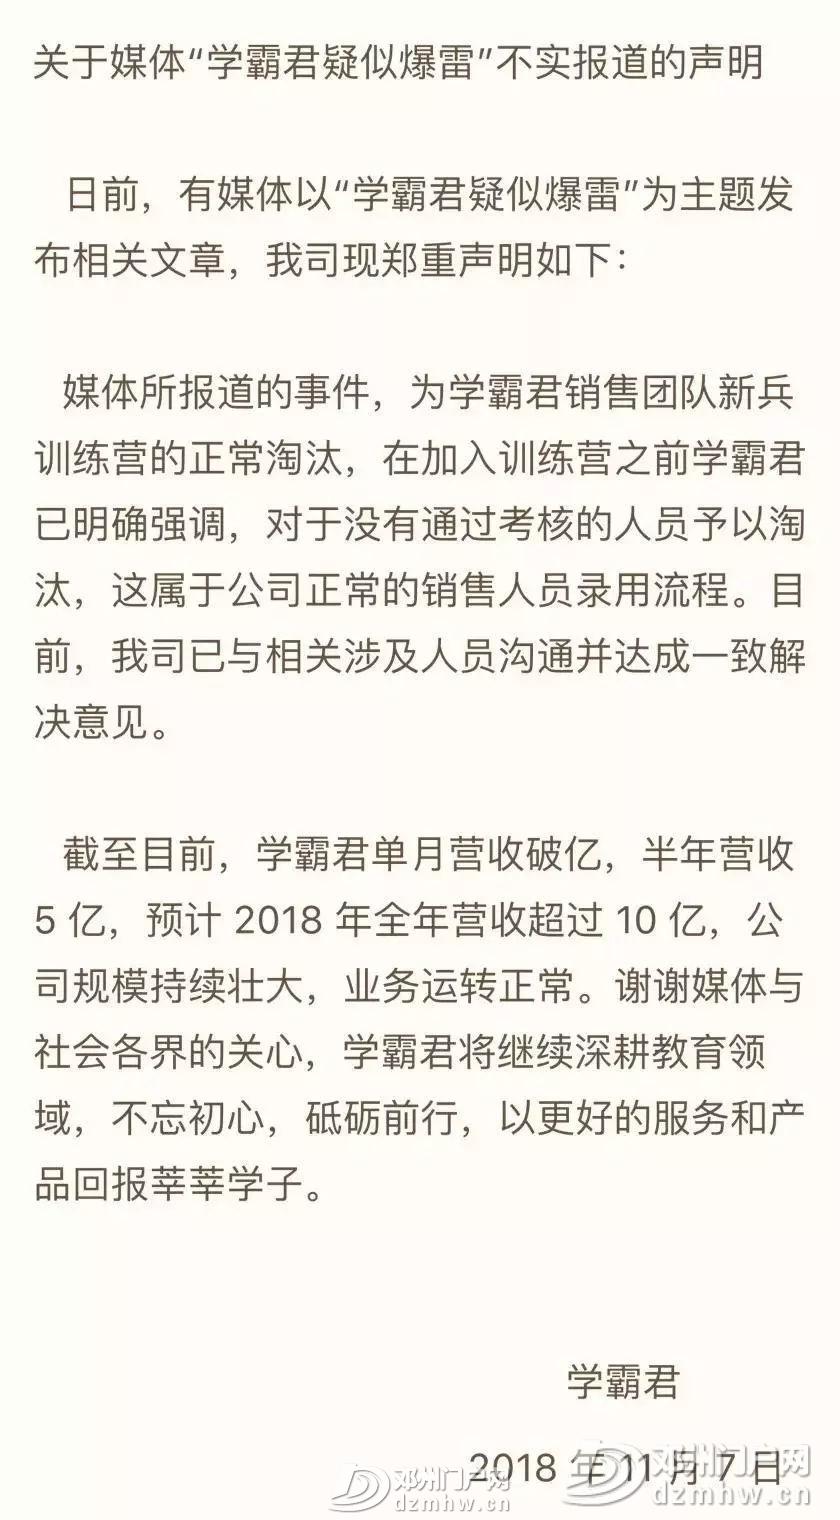 学霸君资金链断裂?员工家长公司门口拉横幅维权 - 邓州门户网|邓州网 - 4.jpg